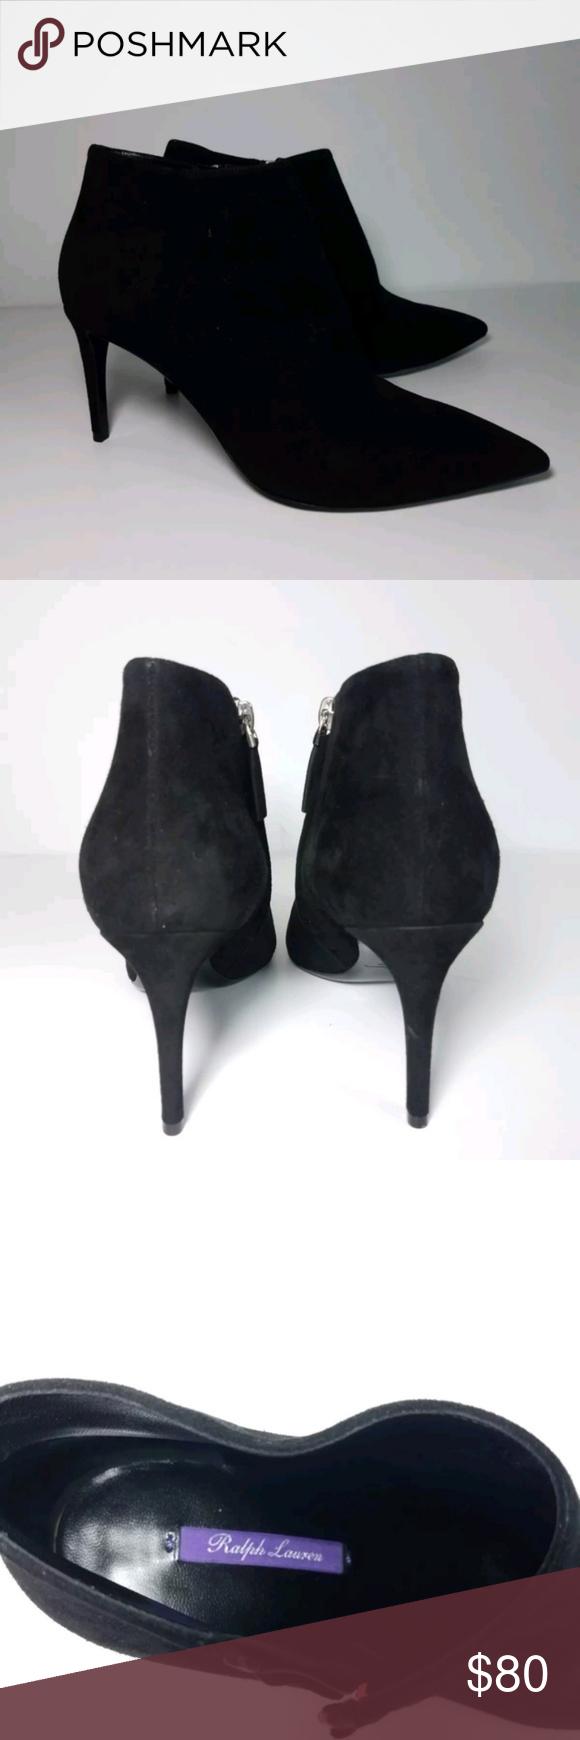 , Ralph Lauren Purple Label Suede Heel Booties Very stylish and comfortable. Worn only once outdoors  Made in Italy  Heel height : 3″-3.5″ Ralph Lauren …, Anja Rubik Blog, Anja Rubik Blog